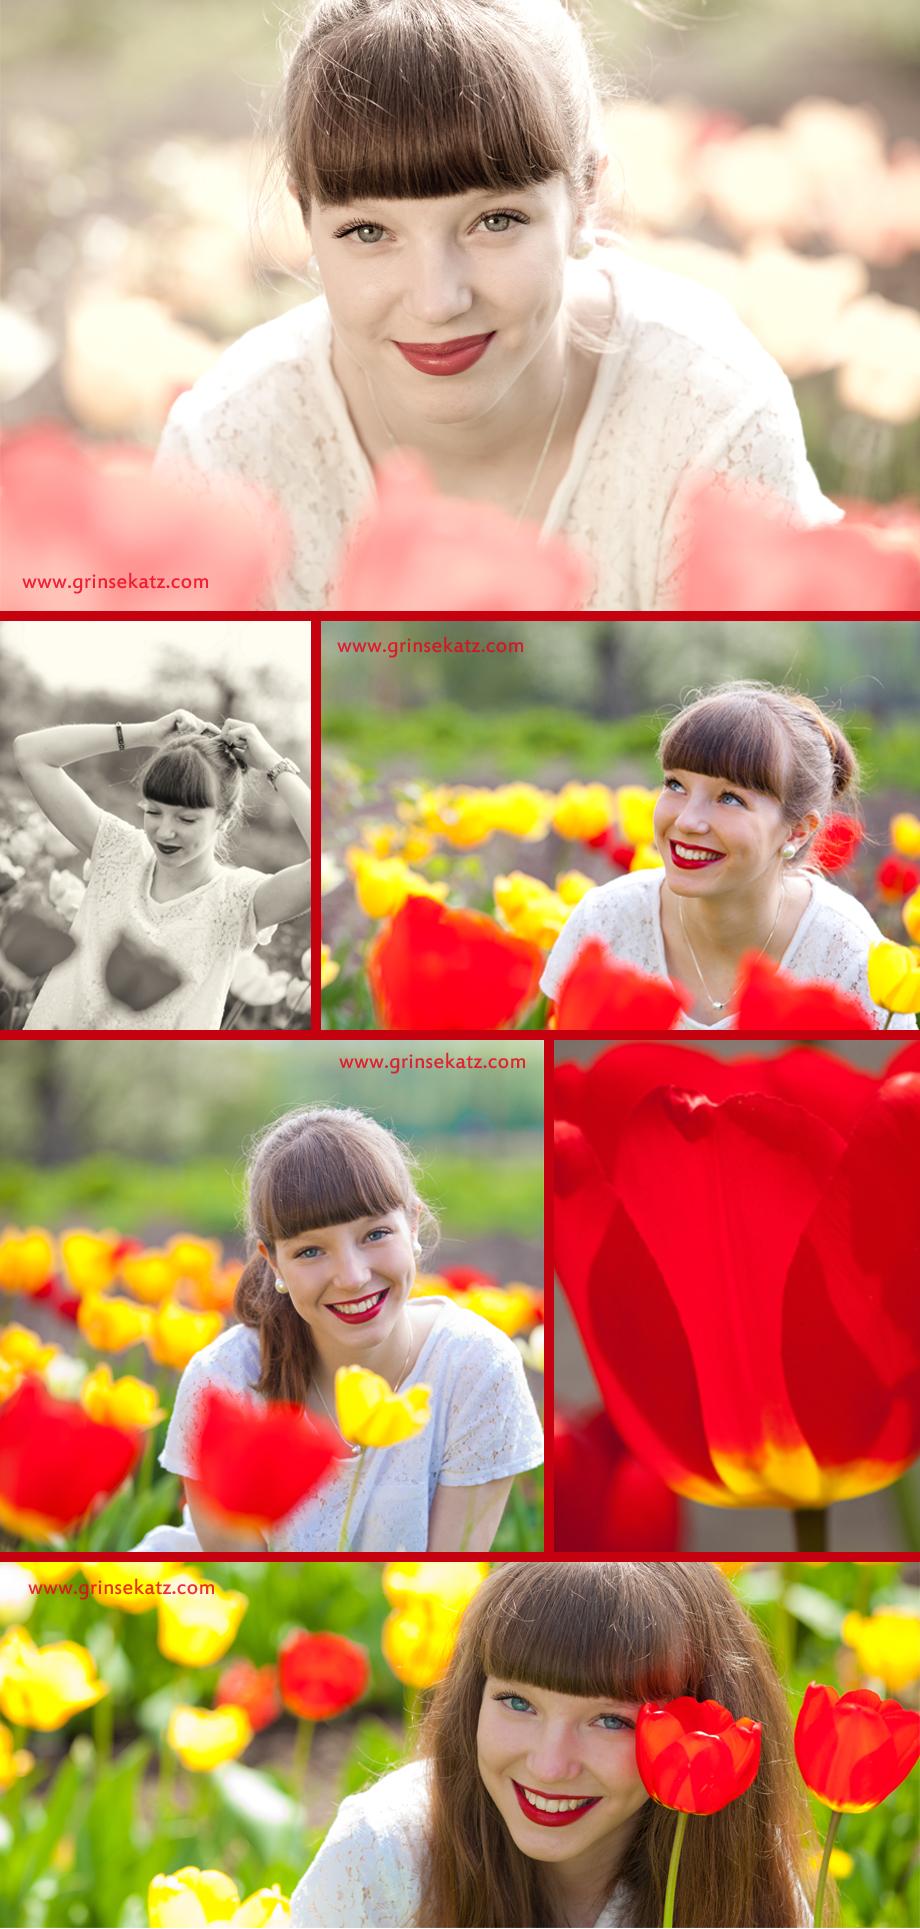 fotograf-portraits-fotohaus-fotostudio-templin-uckermark